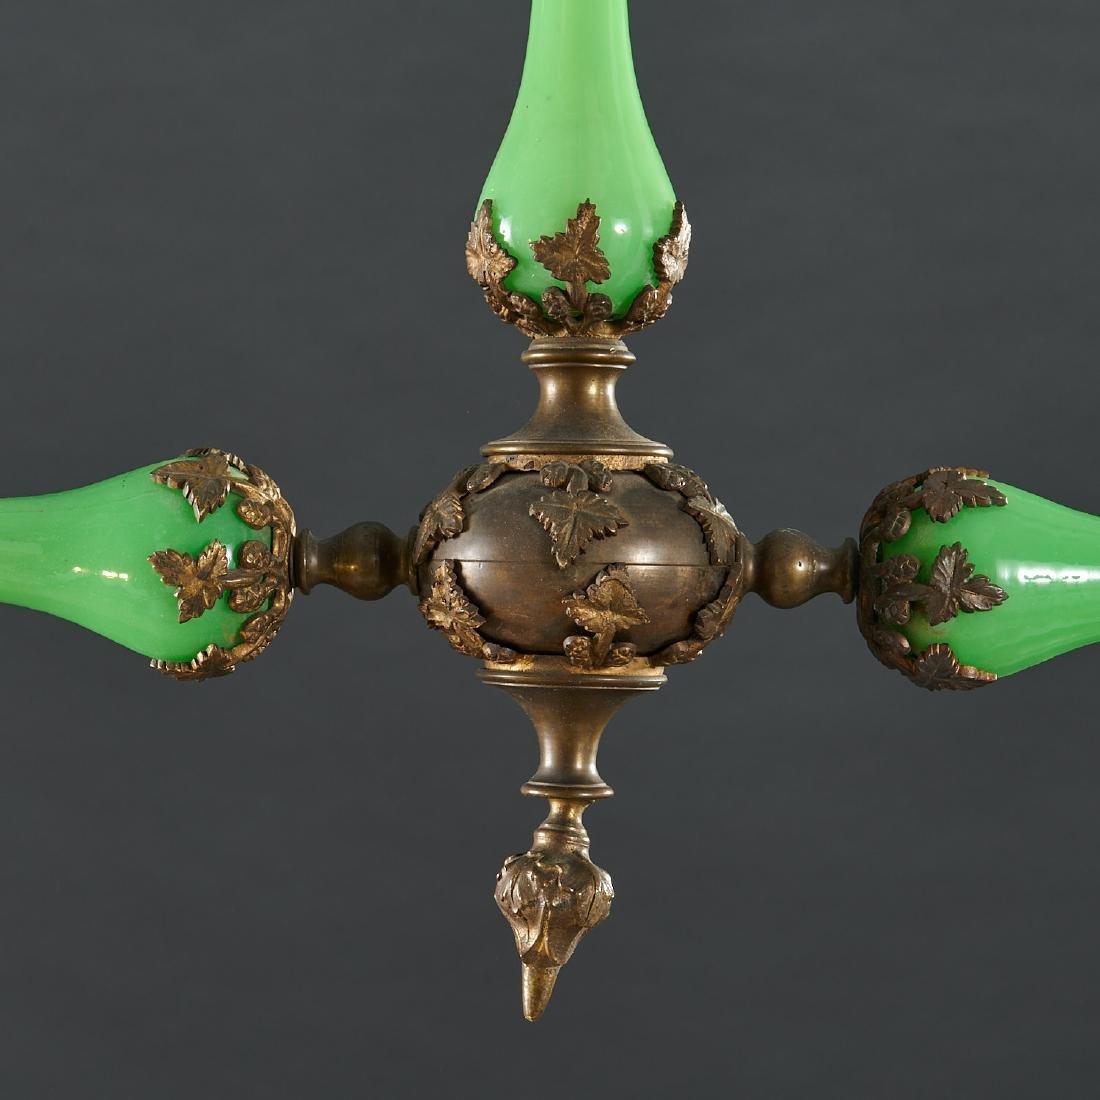 Louis Philippe green opaline glass chandelier - 4